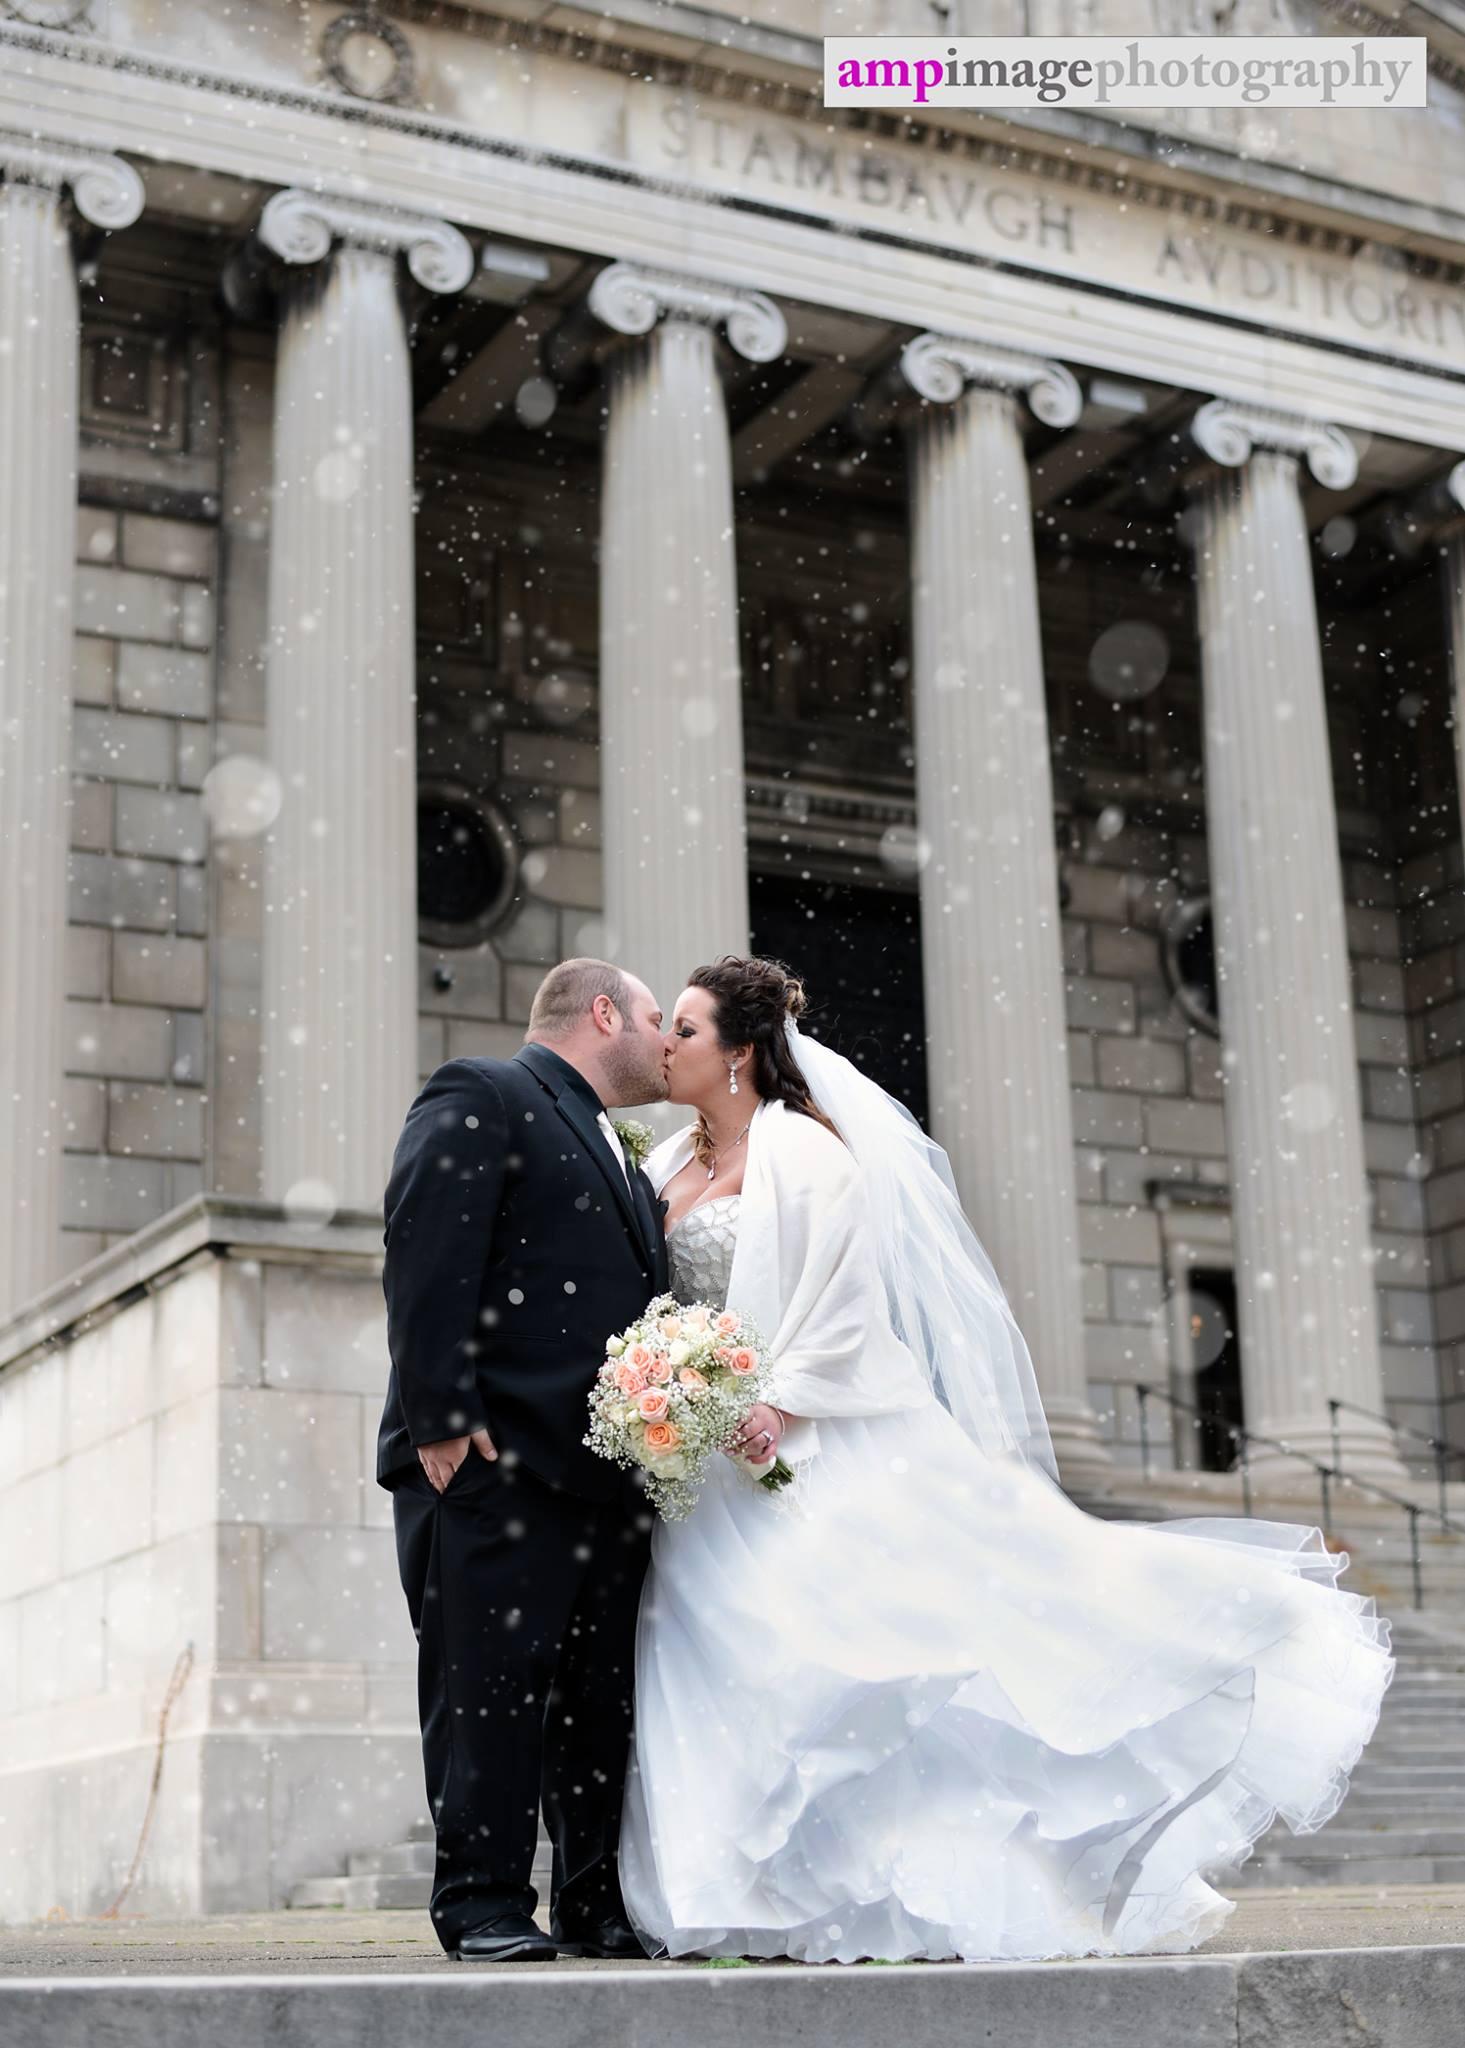 Stacie & Denver | Wedding | Trinity Lutheran Church | Stambaugh Auditorium | Ciminero's Banquet Center | Youngstown Wedding Photographer